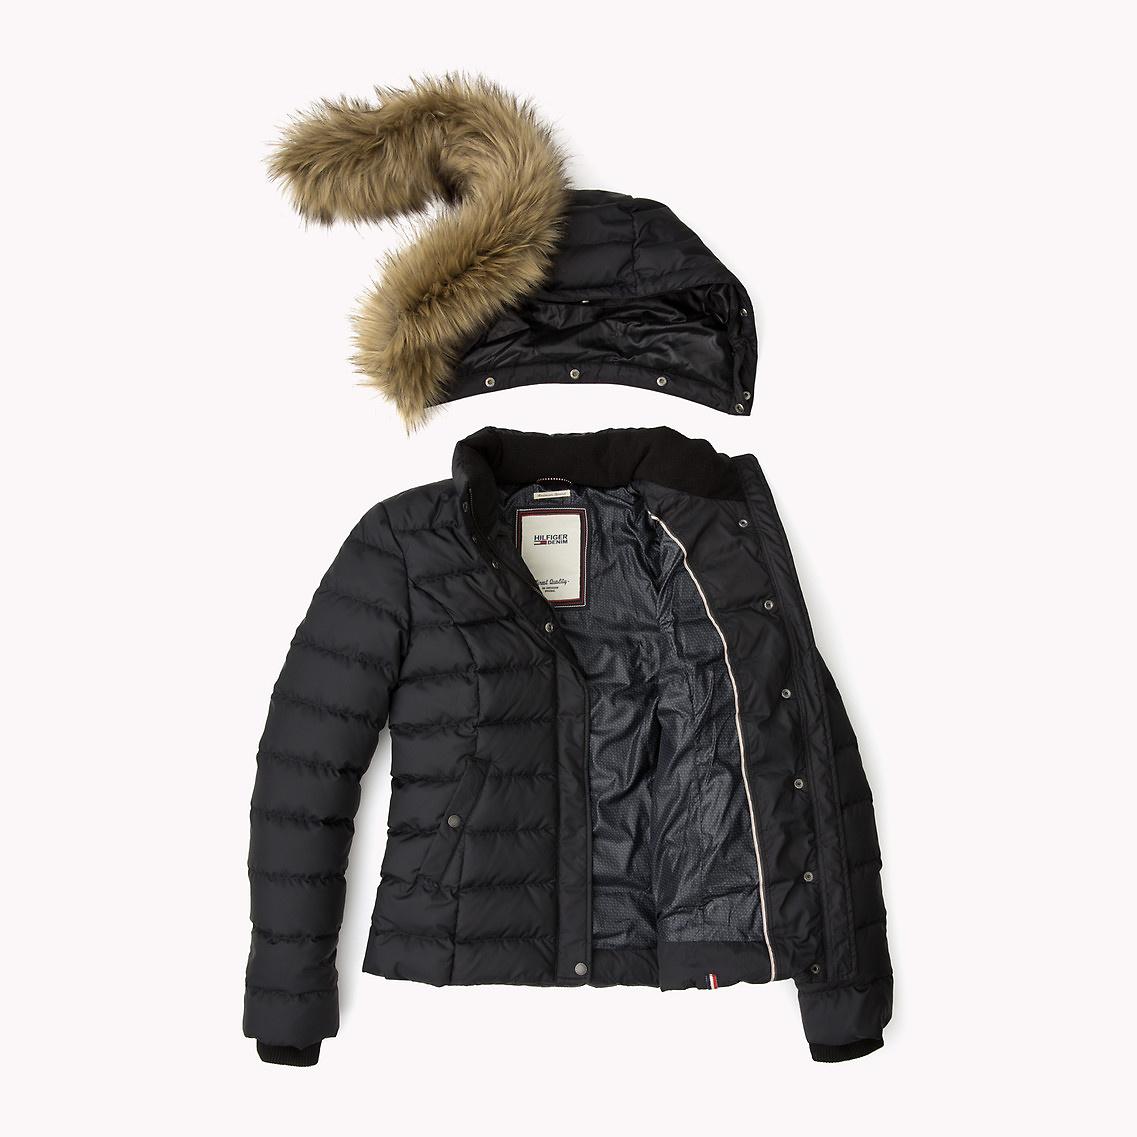 tommy hilfiger down jacquard jacket in black lyst. Black Bedroom Furniture Sets. Home Design Ideas